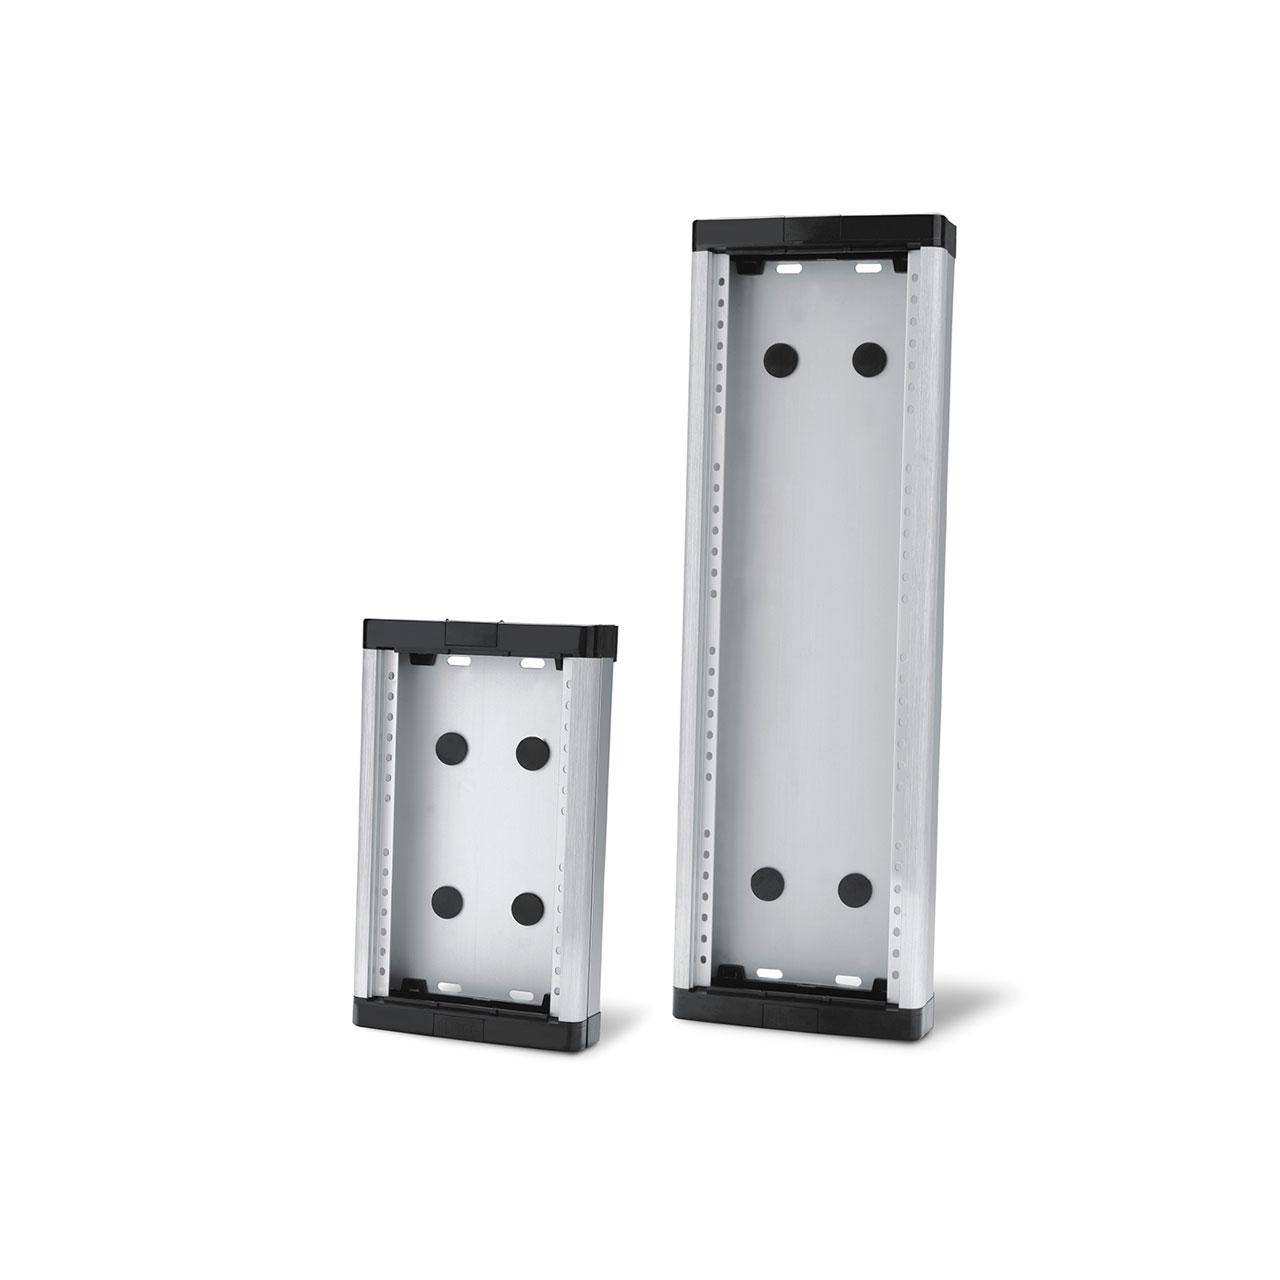 gabinete modular sobrepor gs-2 - hdl